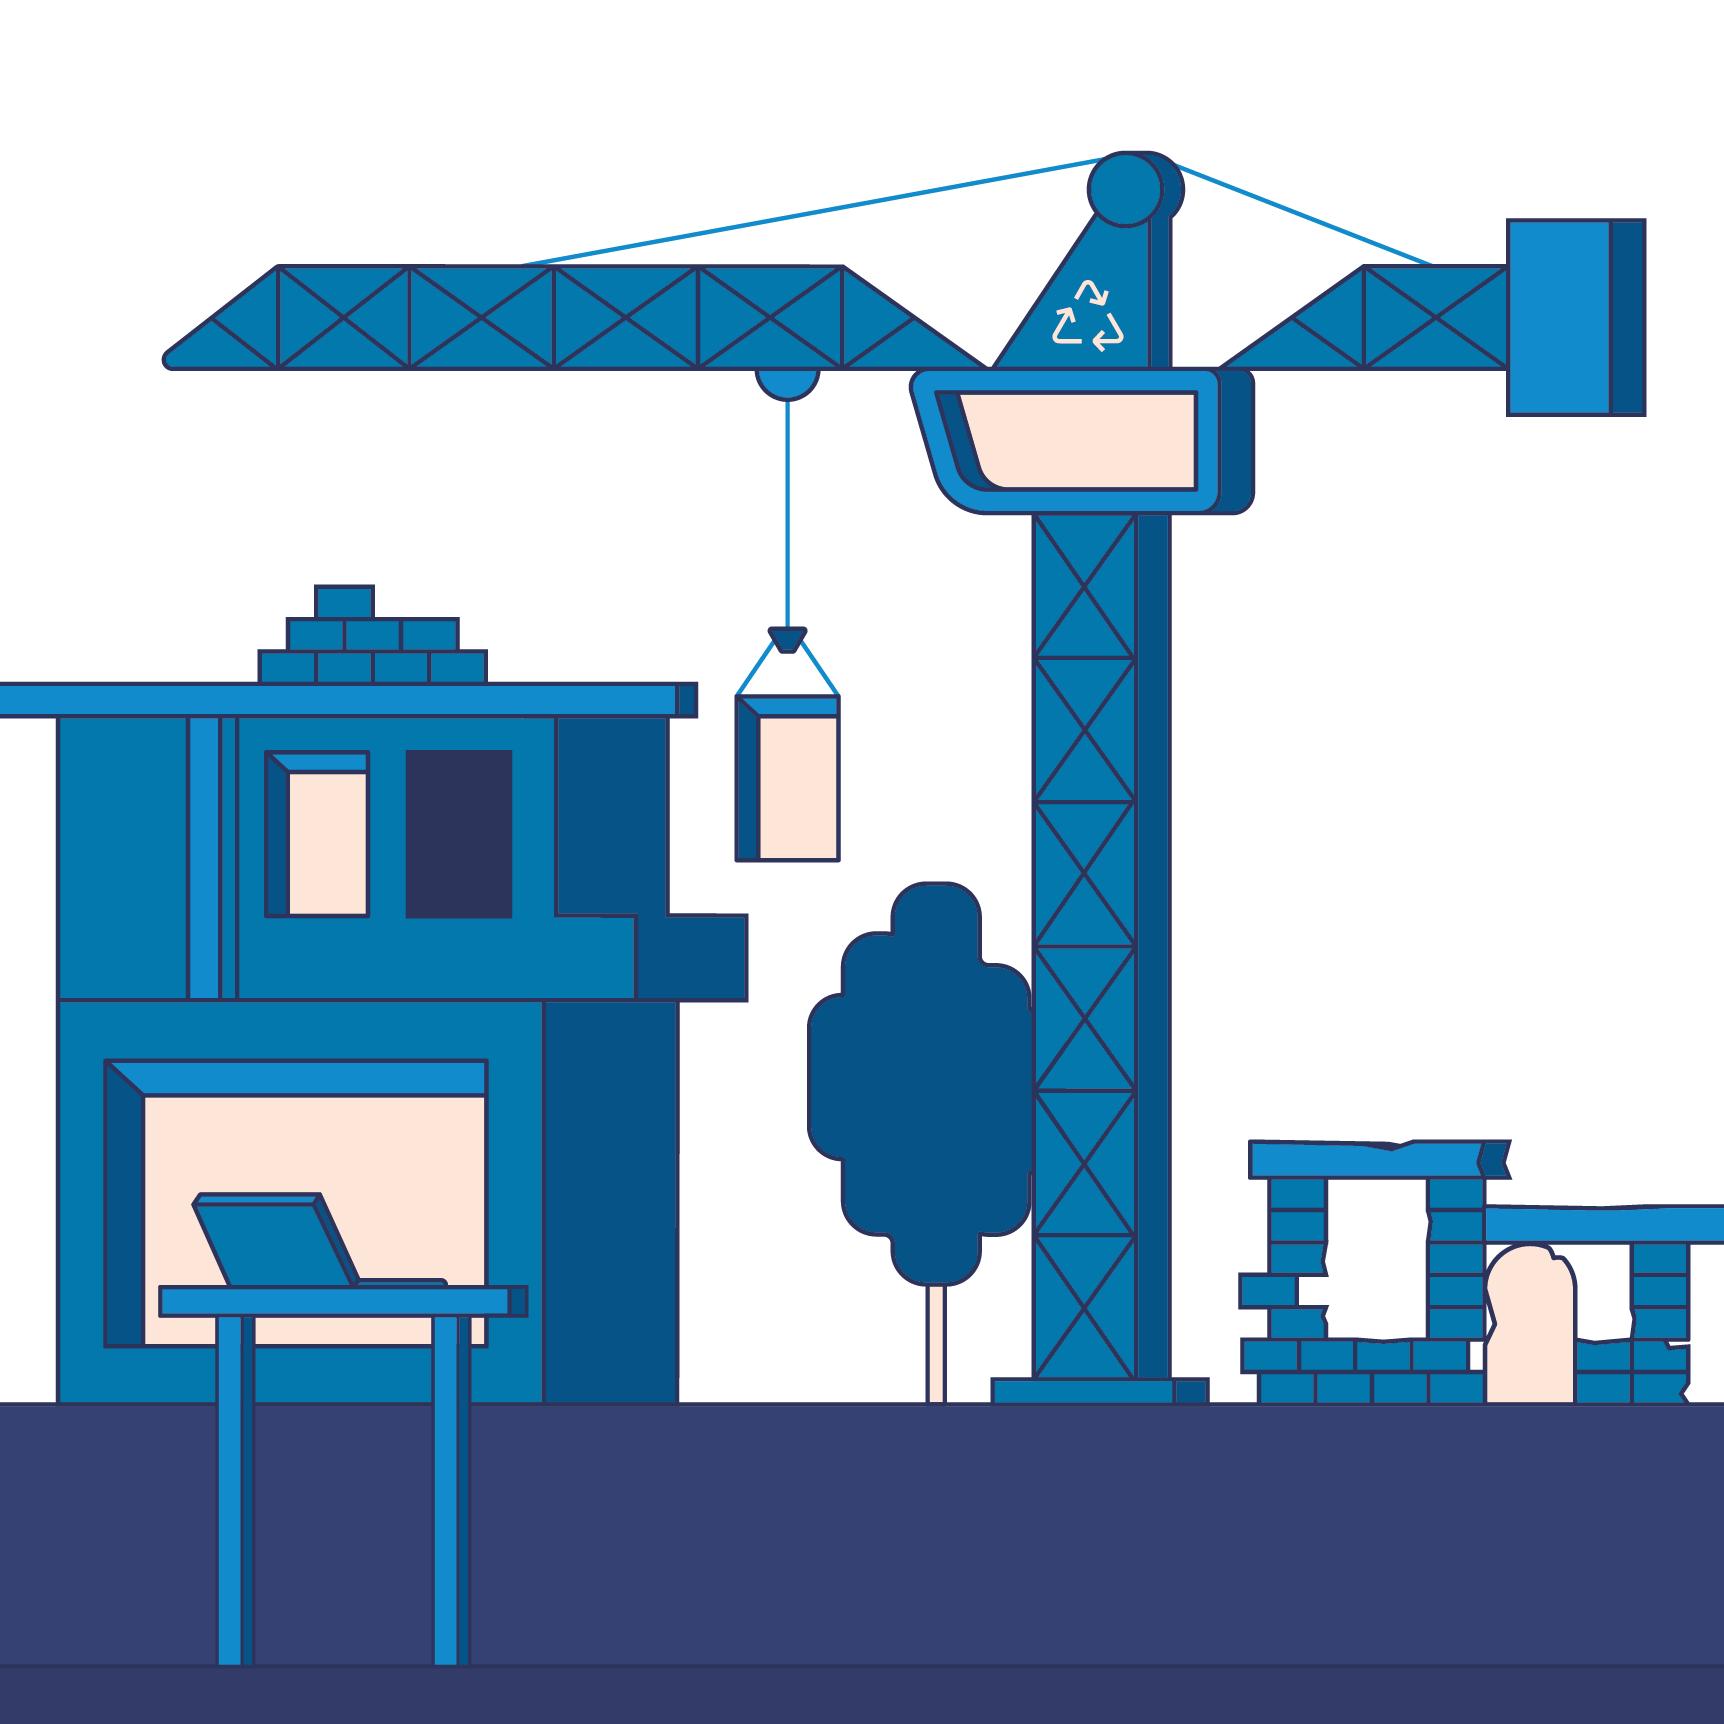 Transitieplan Werken – Op weg naar een duurzame, transparante en circulaire economie